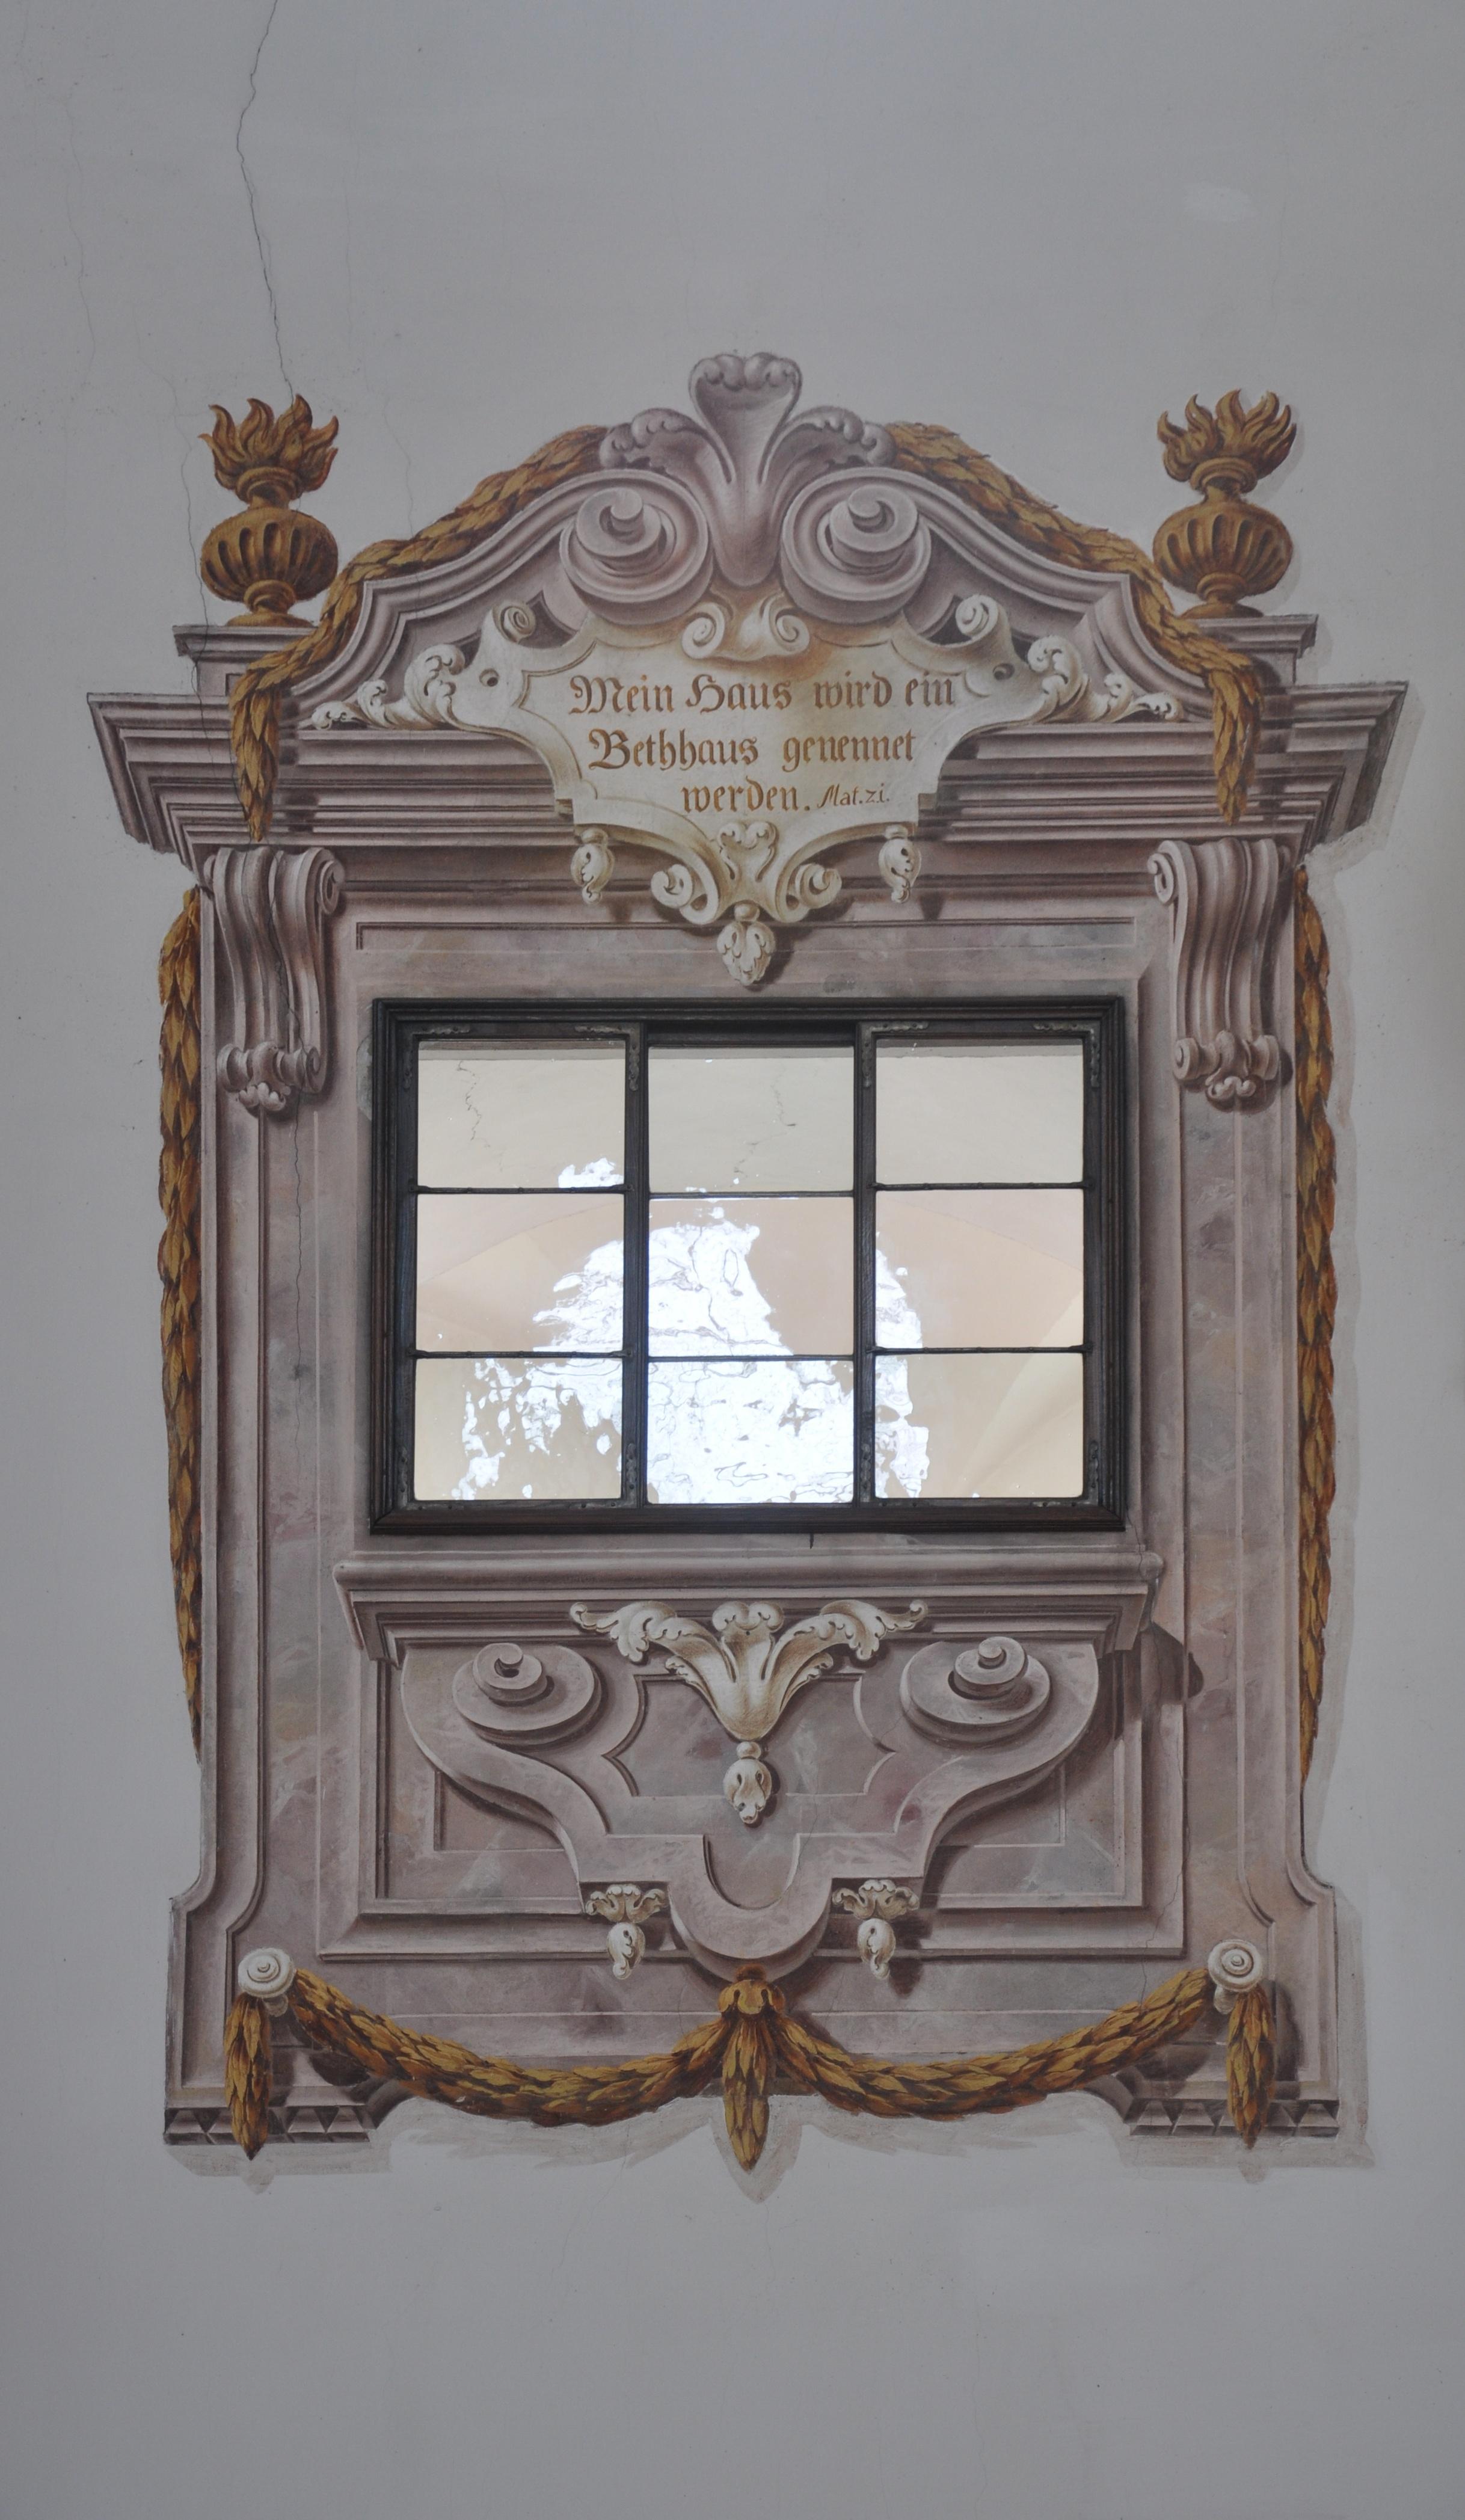 Trompe L Oeil Malerei file reichersberg stiftskirche fresken trompe l oeil fenster jpg